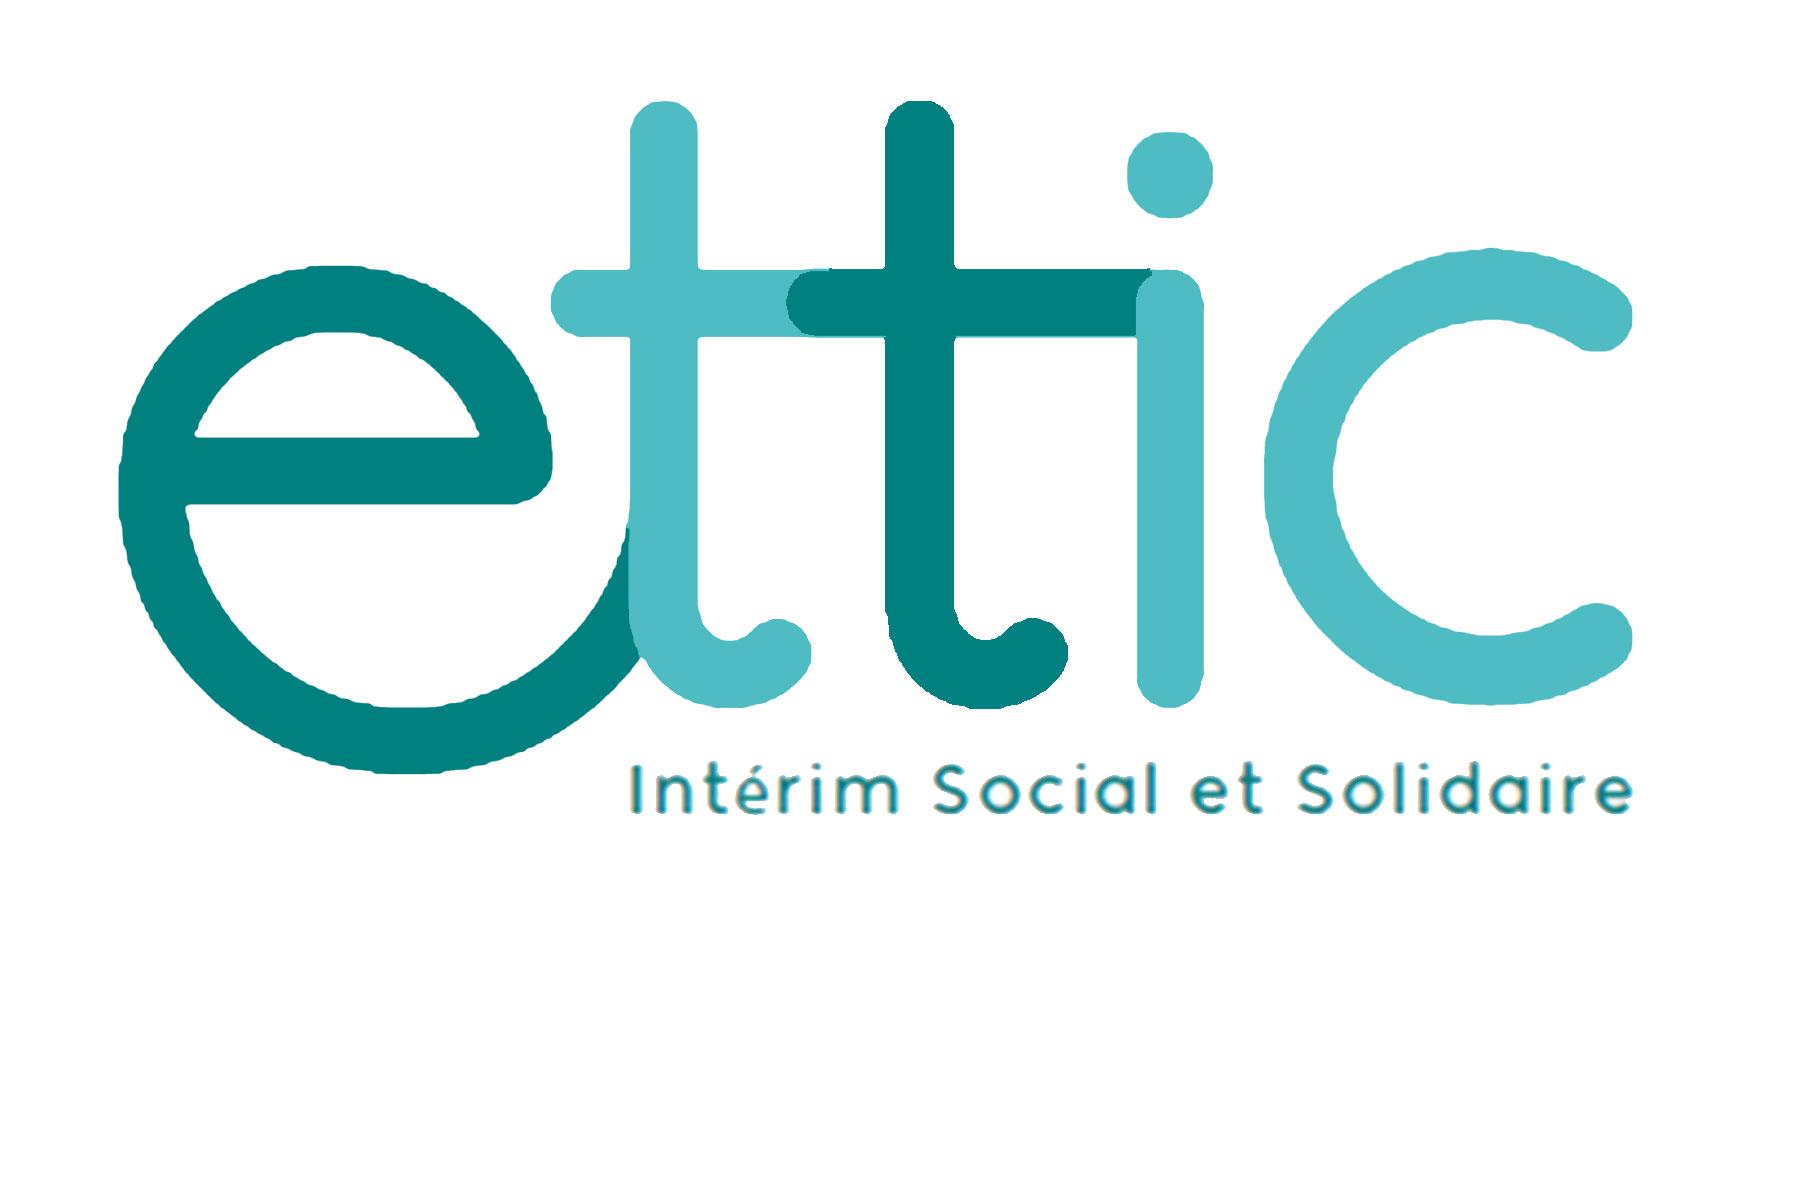 ETTIC